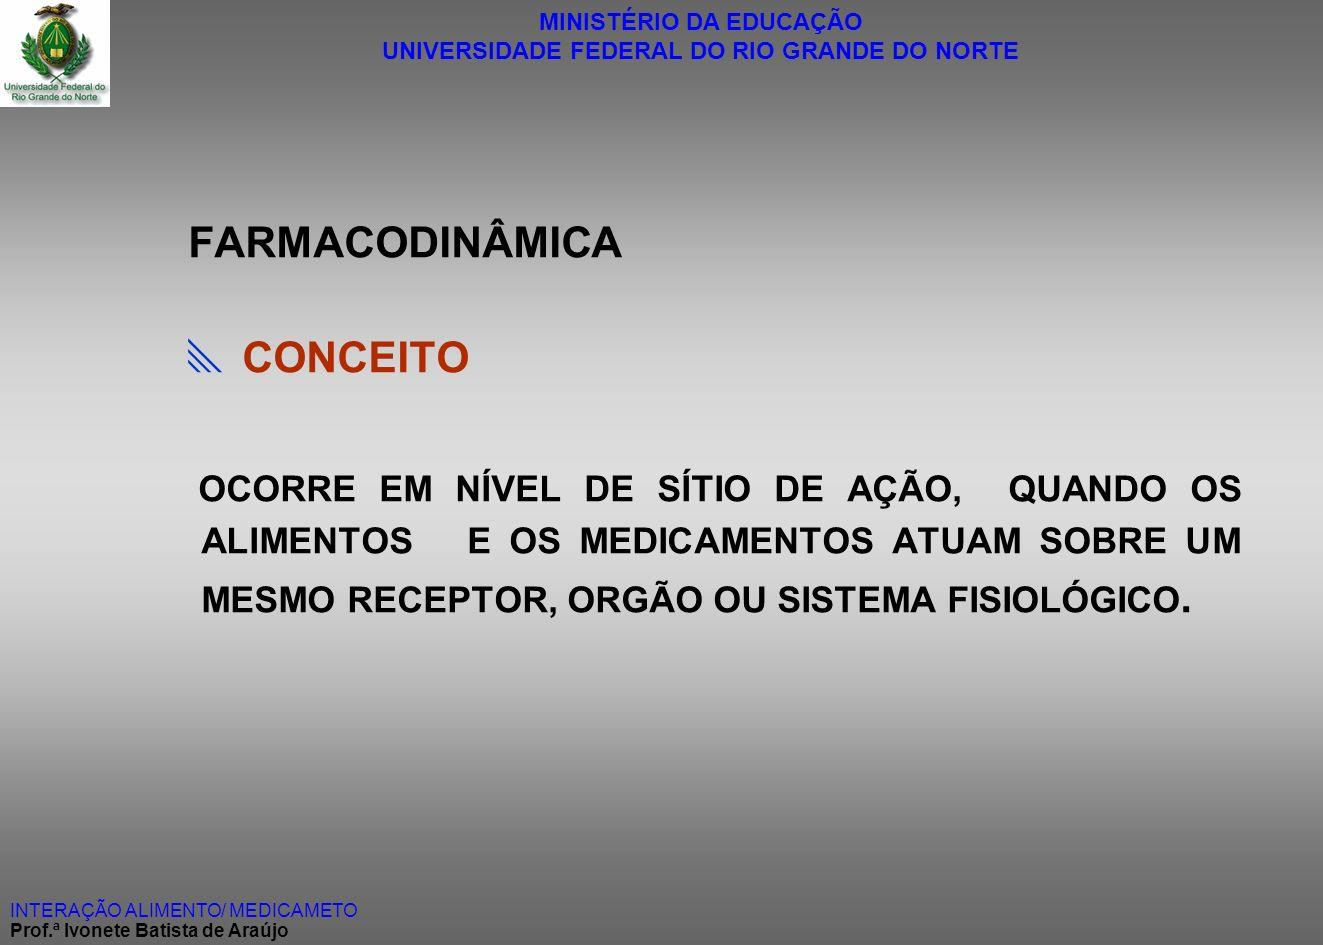 MINISTÉRIO DA EDUCAÇÃO UNIVERSIDADE FEDERAL DO RIO GRANDE DO NORTE INTERAÇÃO ALIMENTO/ MEDICAMETO Prof.ª Ivonete Batista de Araújo FARMACODINÂMICA CON